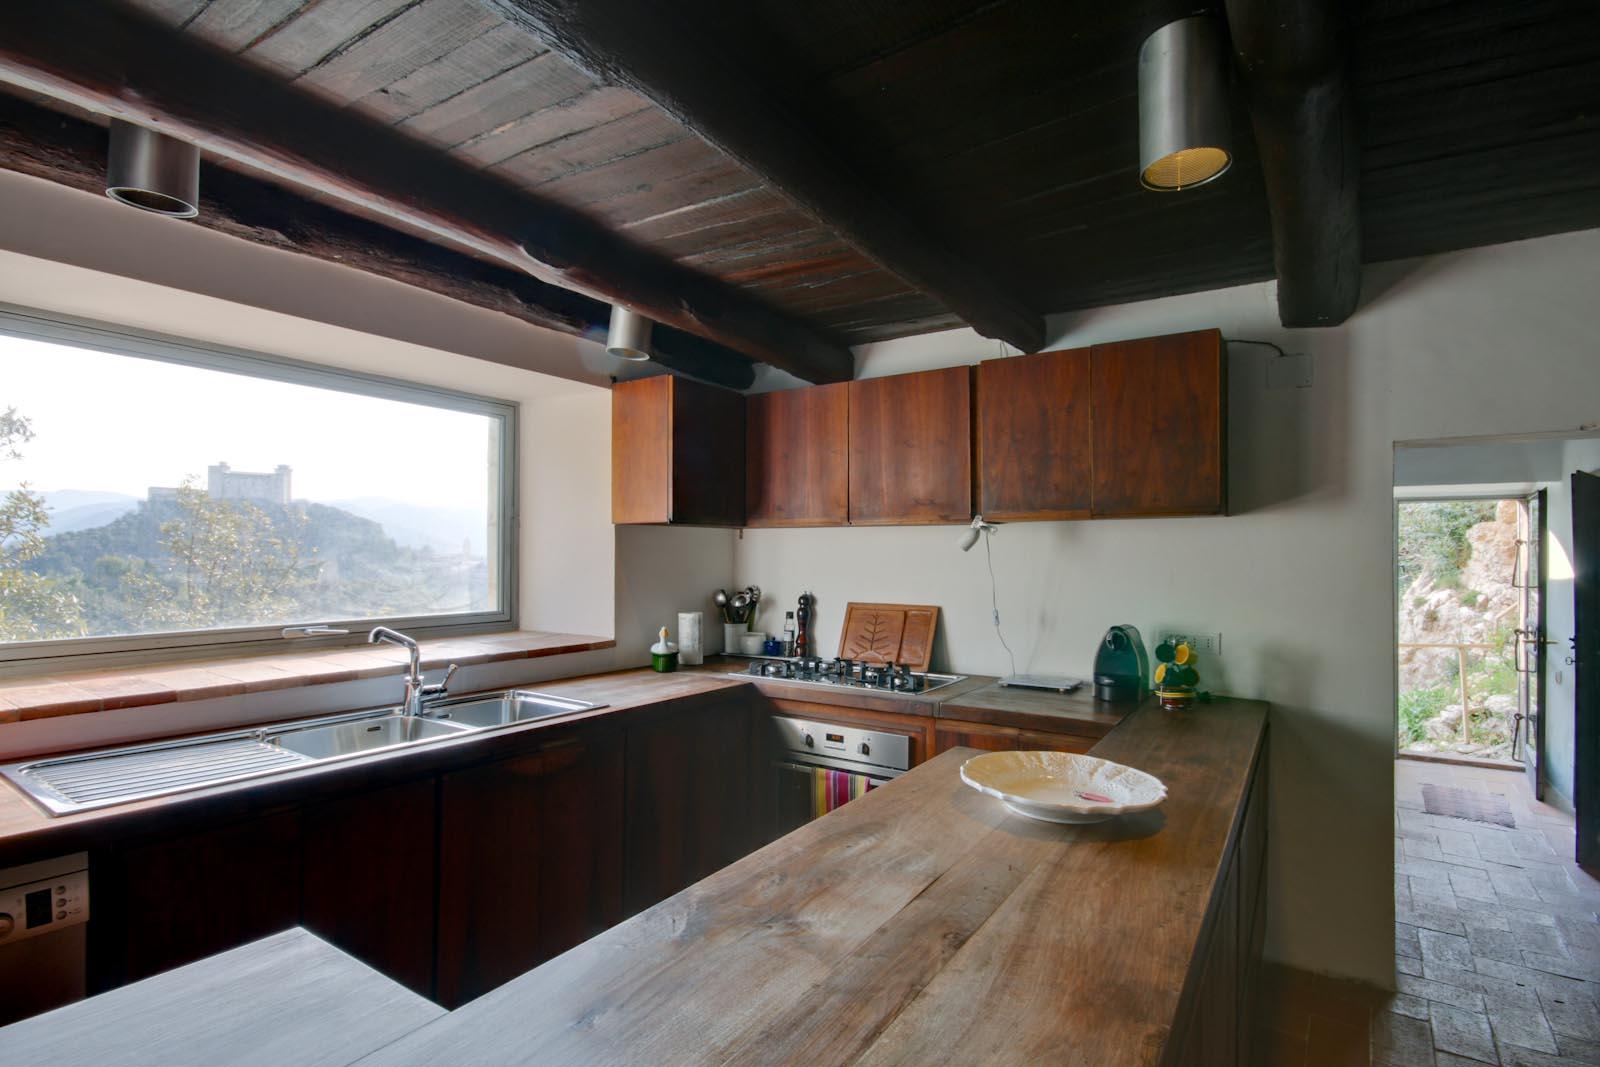 Beautiful Cucina Con Vista Pictures - Orna.info - orna.info